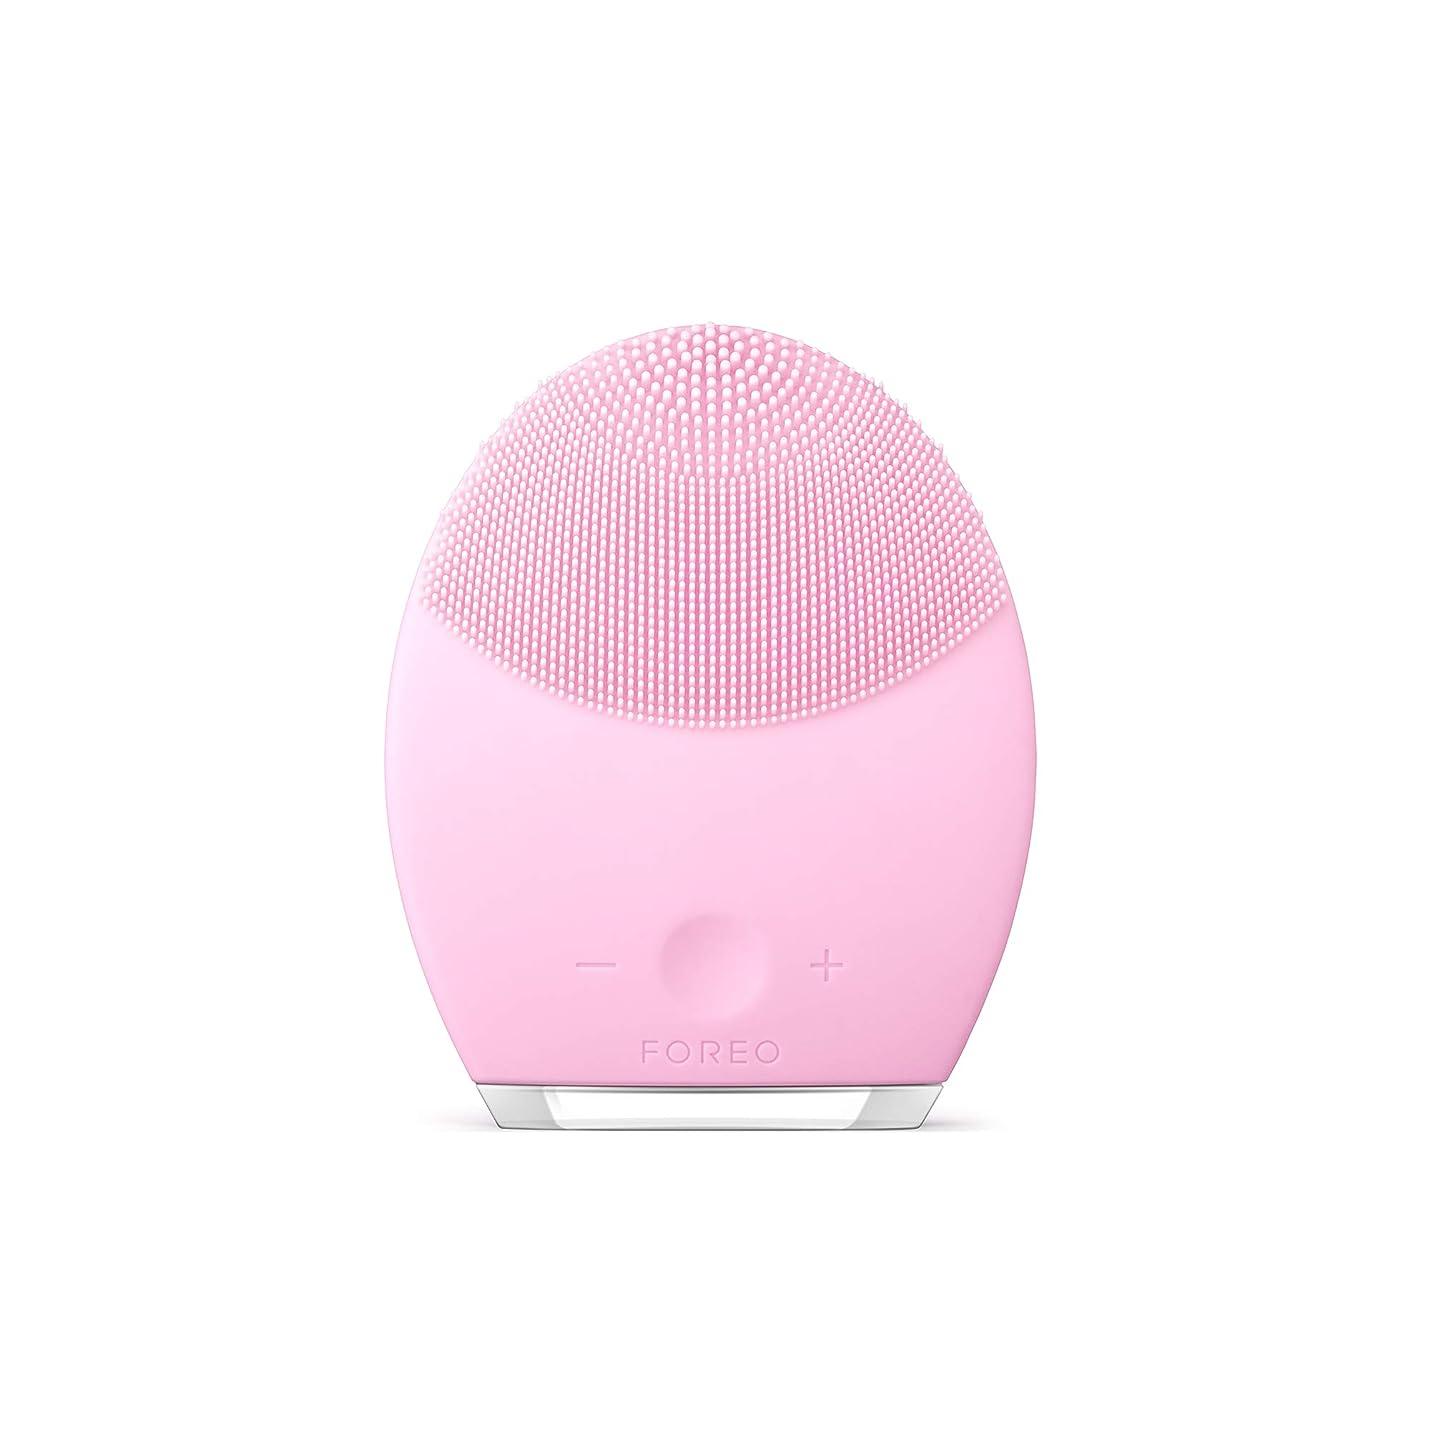 設計デイジー従事するFOREO LUNA 2 for ノーマルスキン 電動洗顔ブラシ シリコーン製 音波振動